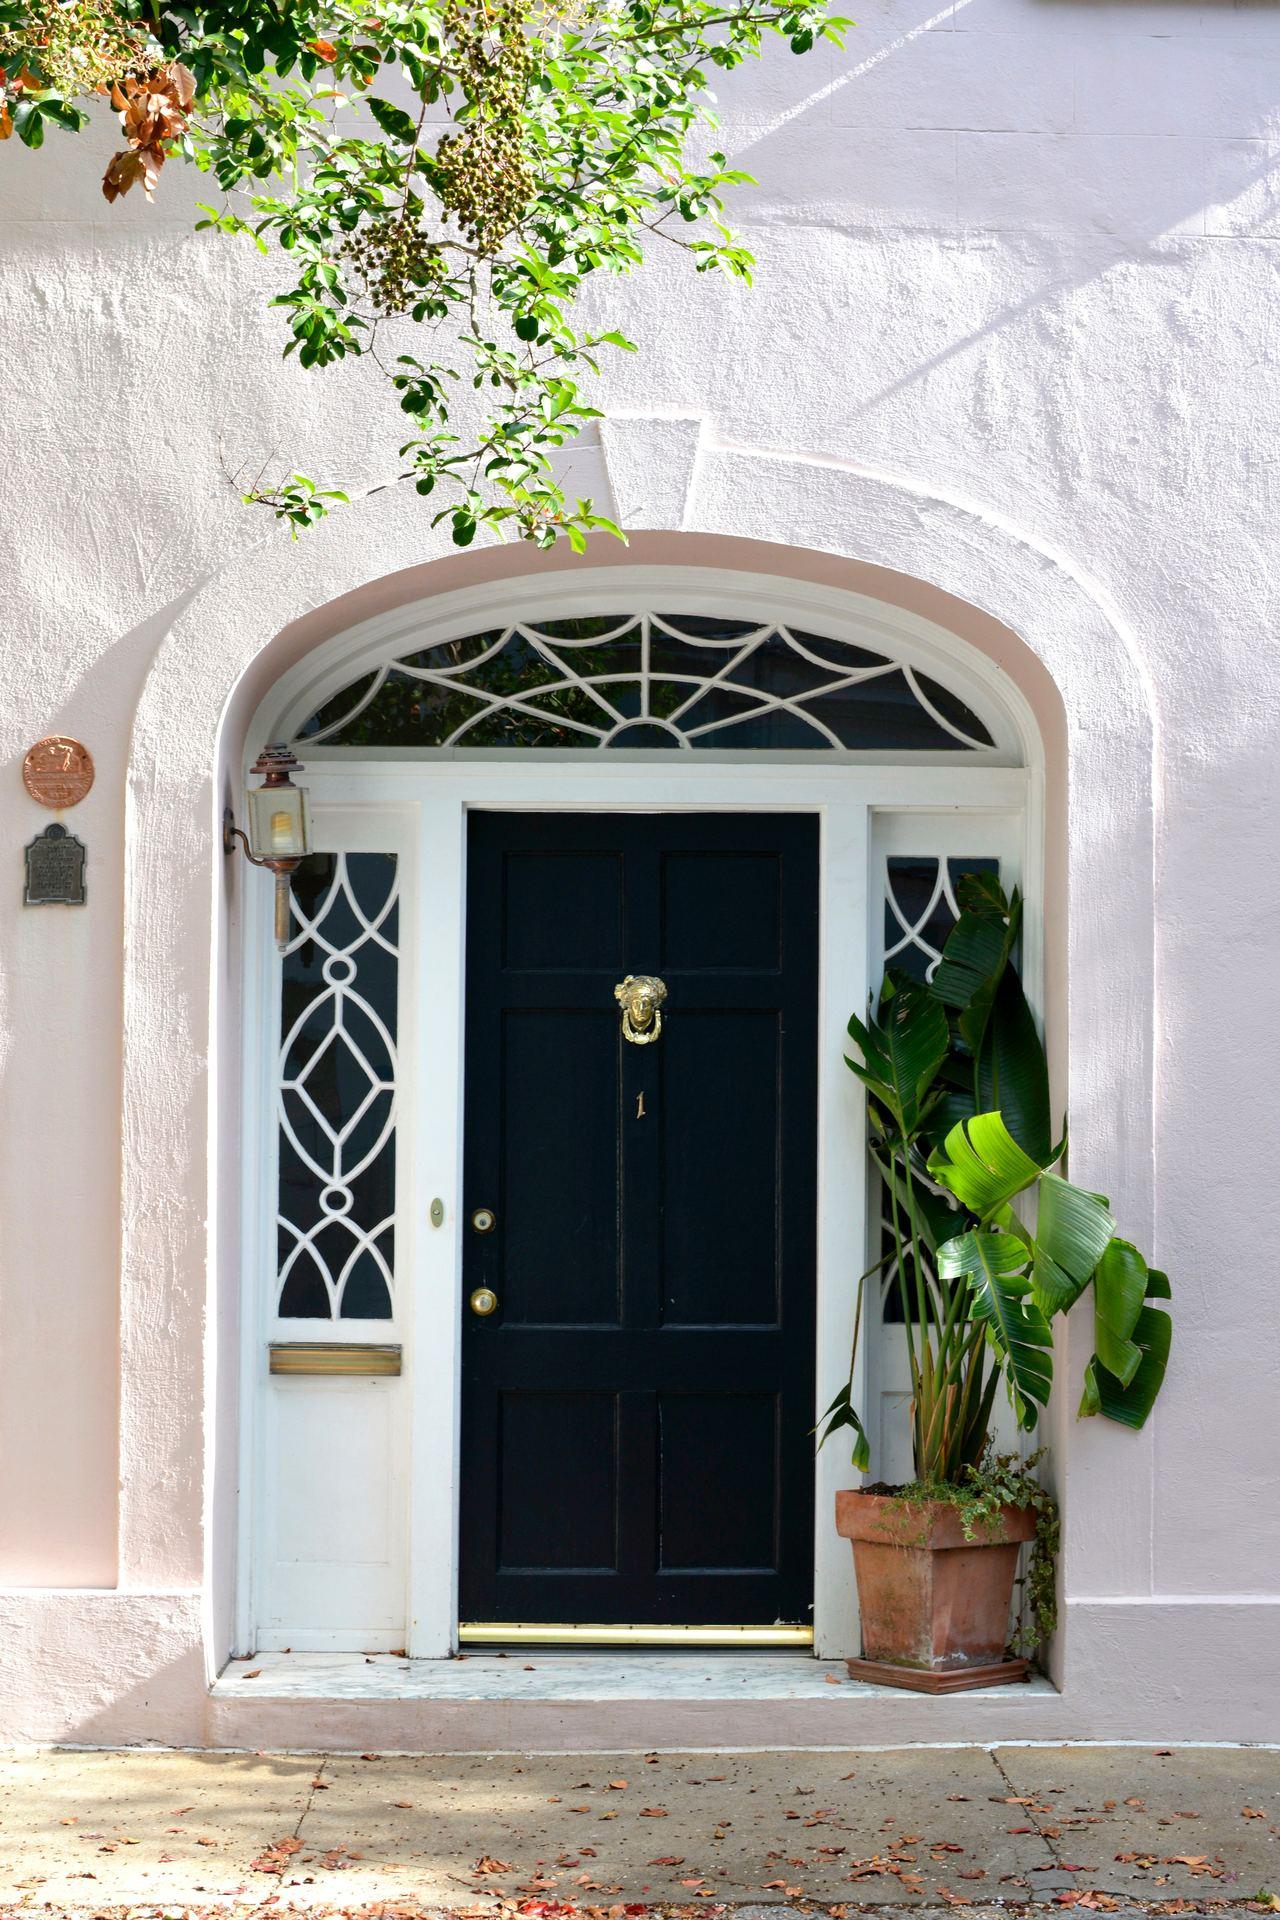 Byta lås vid köp av ny bostad